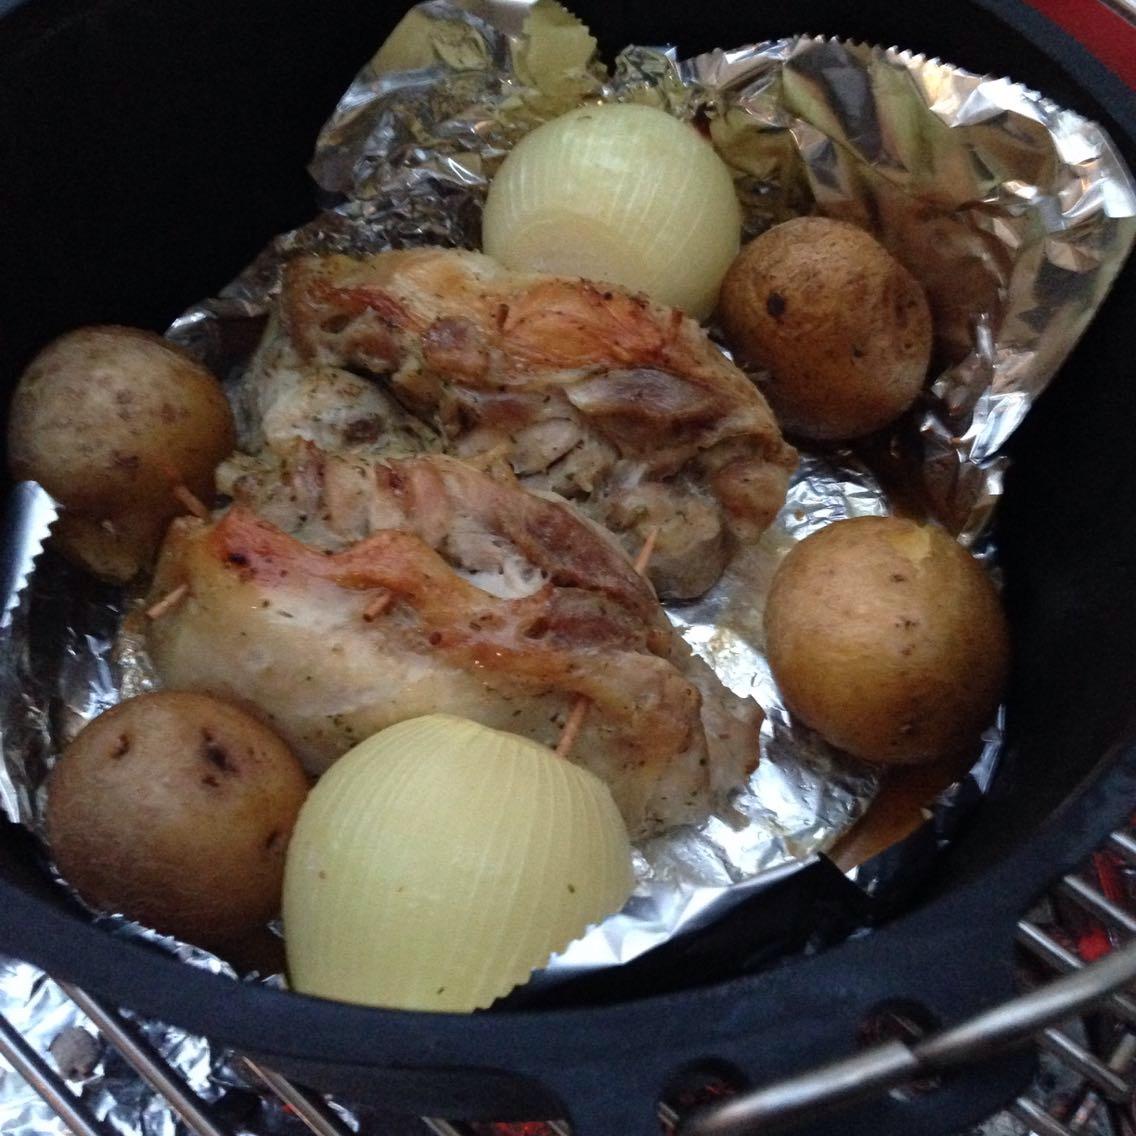 【レシピ】鶏モモ肉で簡単ローストチキン!ダッチオーブン初体験でもできる。